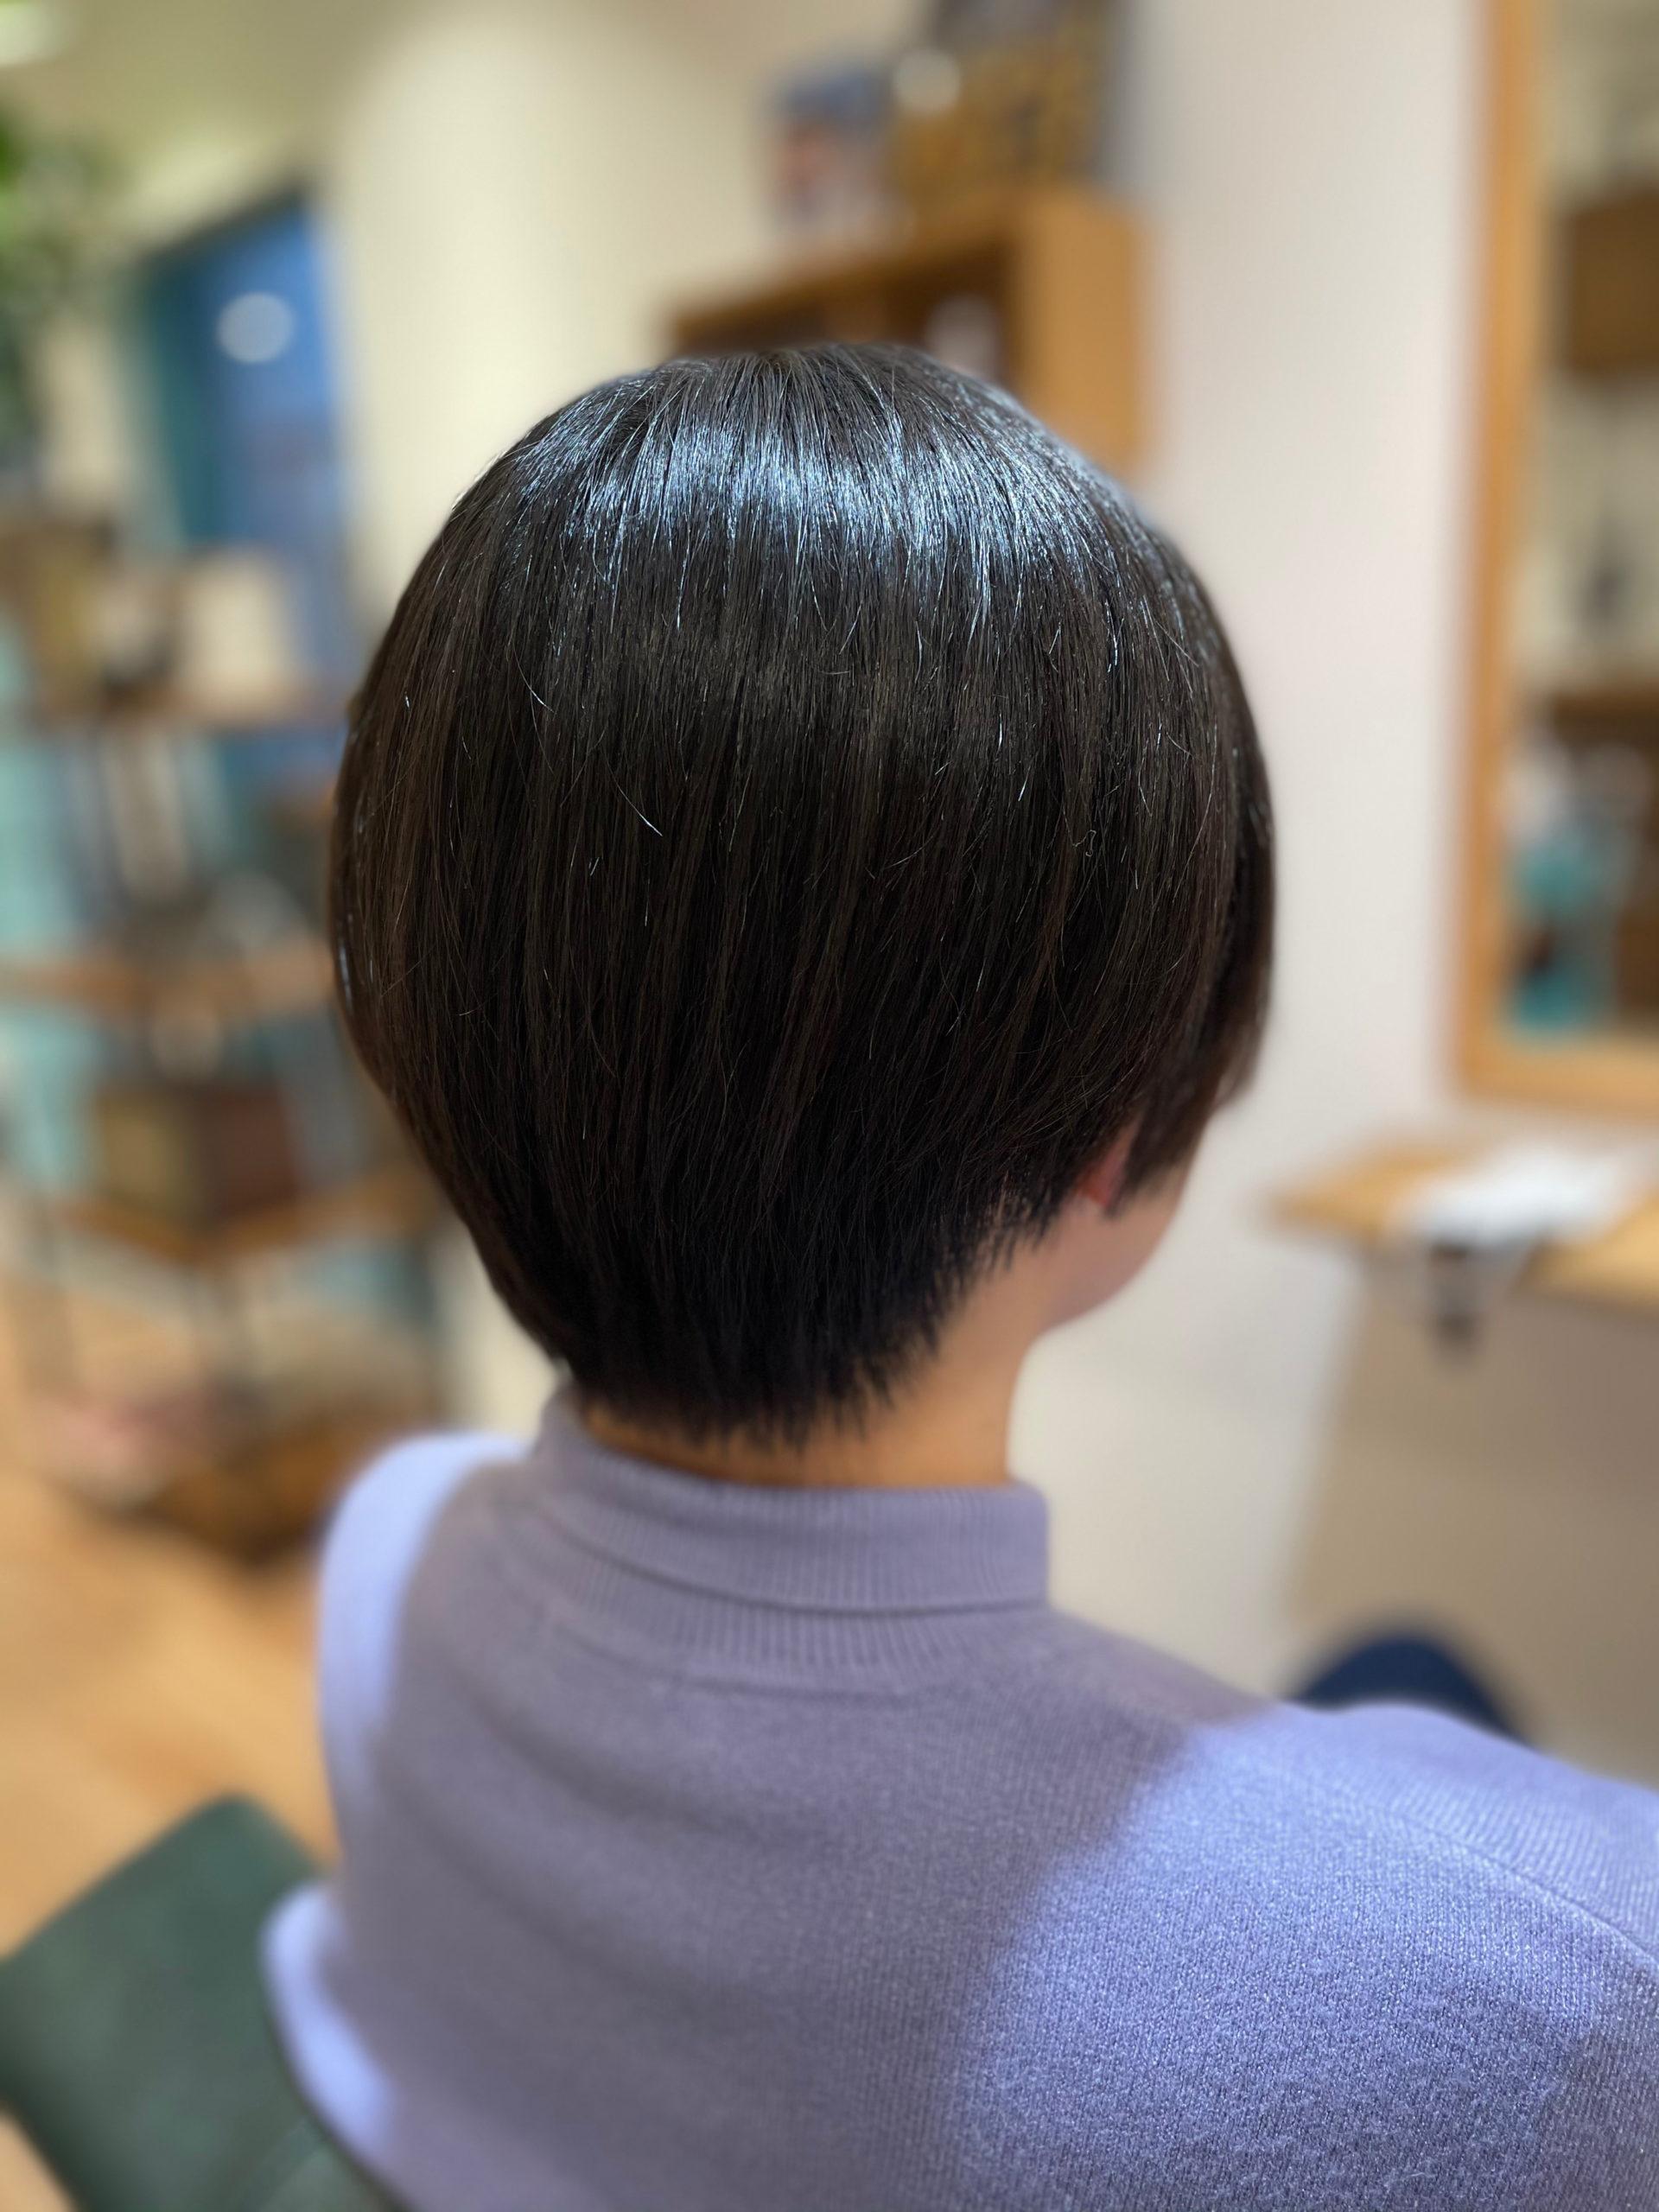 切り 方 襟足 ショートのセルフカットのやり方は?女性の前髪・後ろ髪&襟足の切り方